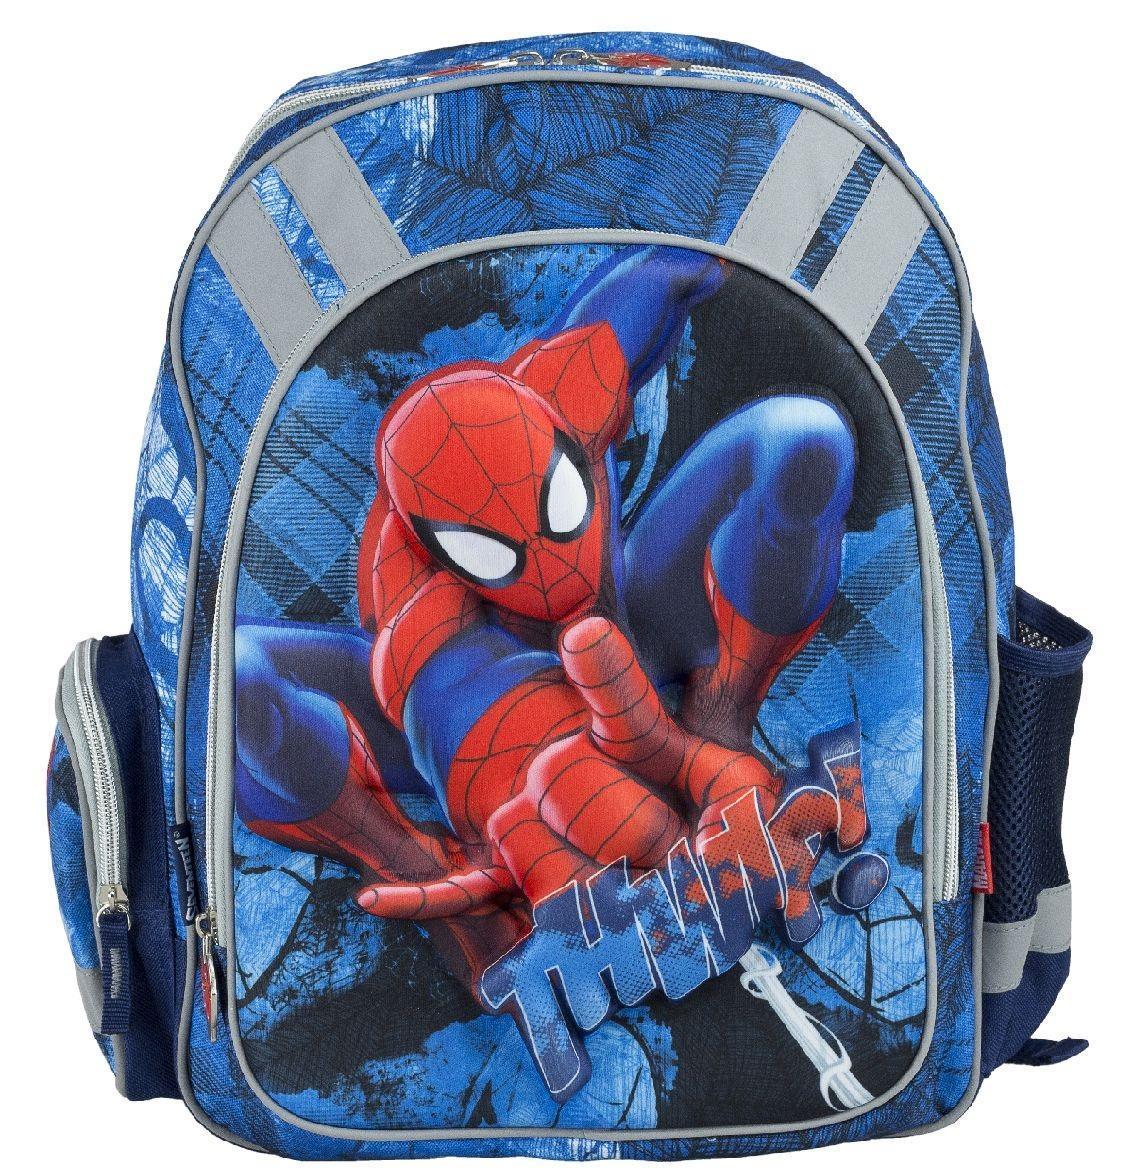 Рюкзак школьный Spider-Man, цвет: темно-синий, голубой. SMCB-RT2-836ESMCB-RT2-836EРюкзак школьный Spider-Man обязательно понравится вашему школьнику. Выполнен из прочных и высококачественных материалов, дополнен объемным и реалистичным изображением Человека-паука. Содержит одно вместительное отделение, закрывающееся на застежку-молнию с двумя бегунками. Бегунки застежки оформлены металлическими держателями в виде паука. Внутри отделения находятся две перегородки для тетрадей или учебников, а также открытый карман-сетка. Дно рюкзака можно сделать жестким, разложив специальную панель с пластиковой вставкой, что повышает сохранность содержимого рюкзака и способствует правильному распределению нагрузки. Лицевая сторона оснащена накладным карманом на молнии. По бокам расположены два накладных кармана: на застежке-молнии и открытый, стянутый сверху резинкой. Специально разработанная архитектура спинки со стабилизирующими набивными элементами повторяет естественный изгиб позвоночника. Набивные элементы обеспечивают вентиляцию спины ребенка. Плечевые...